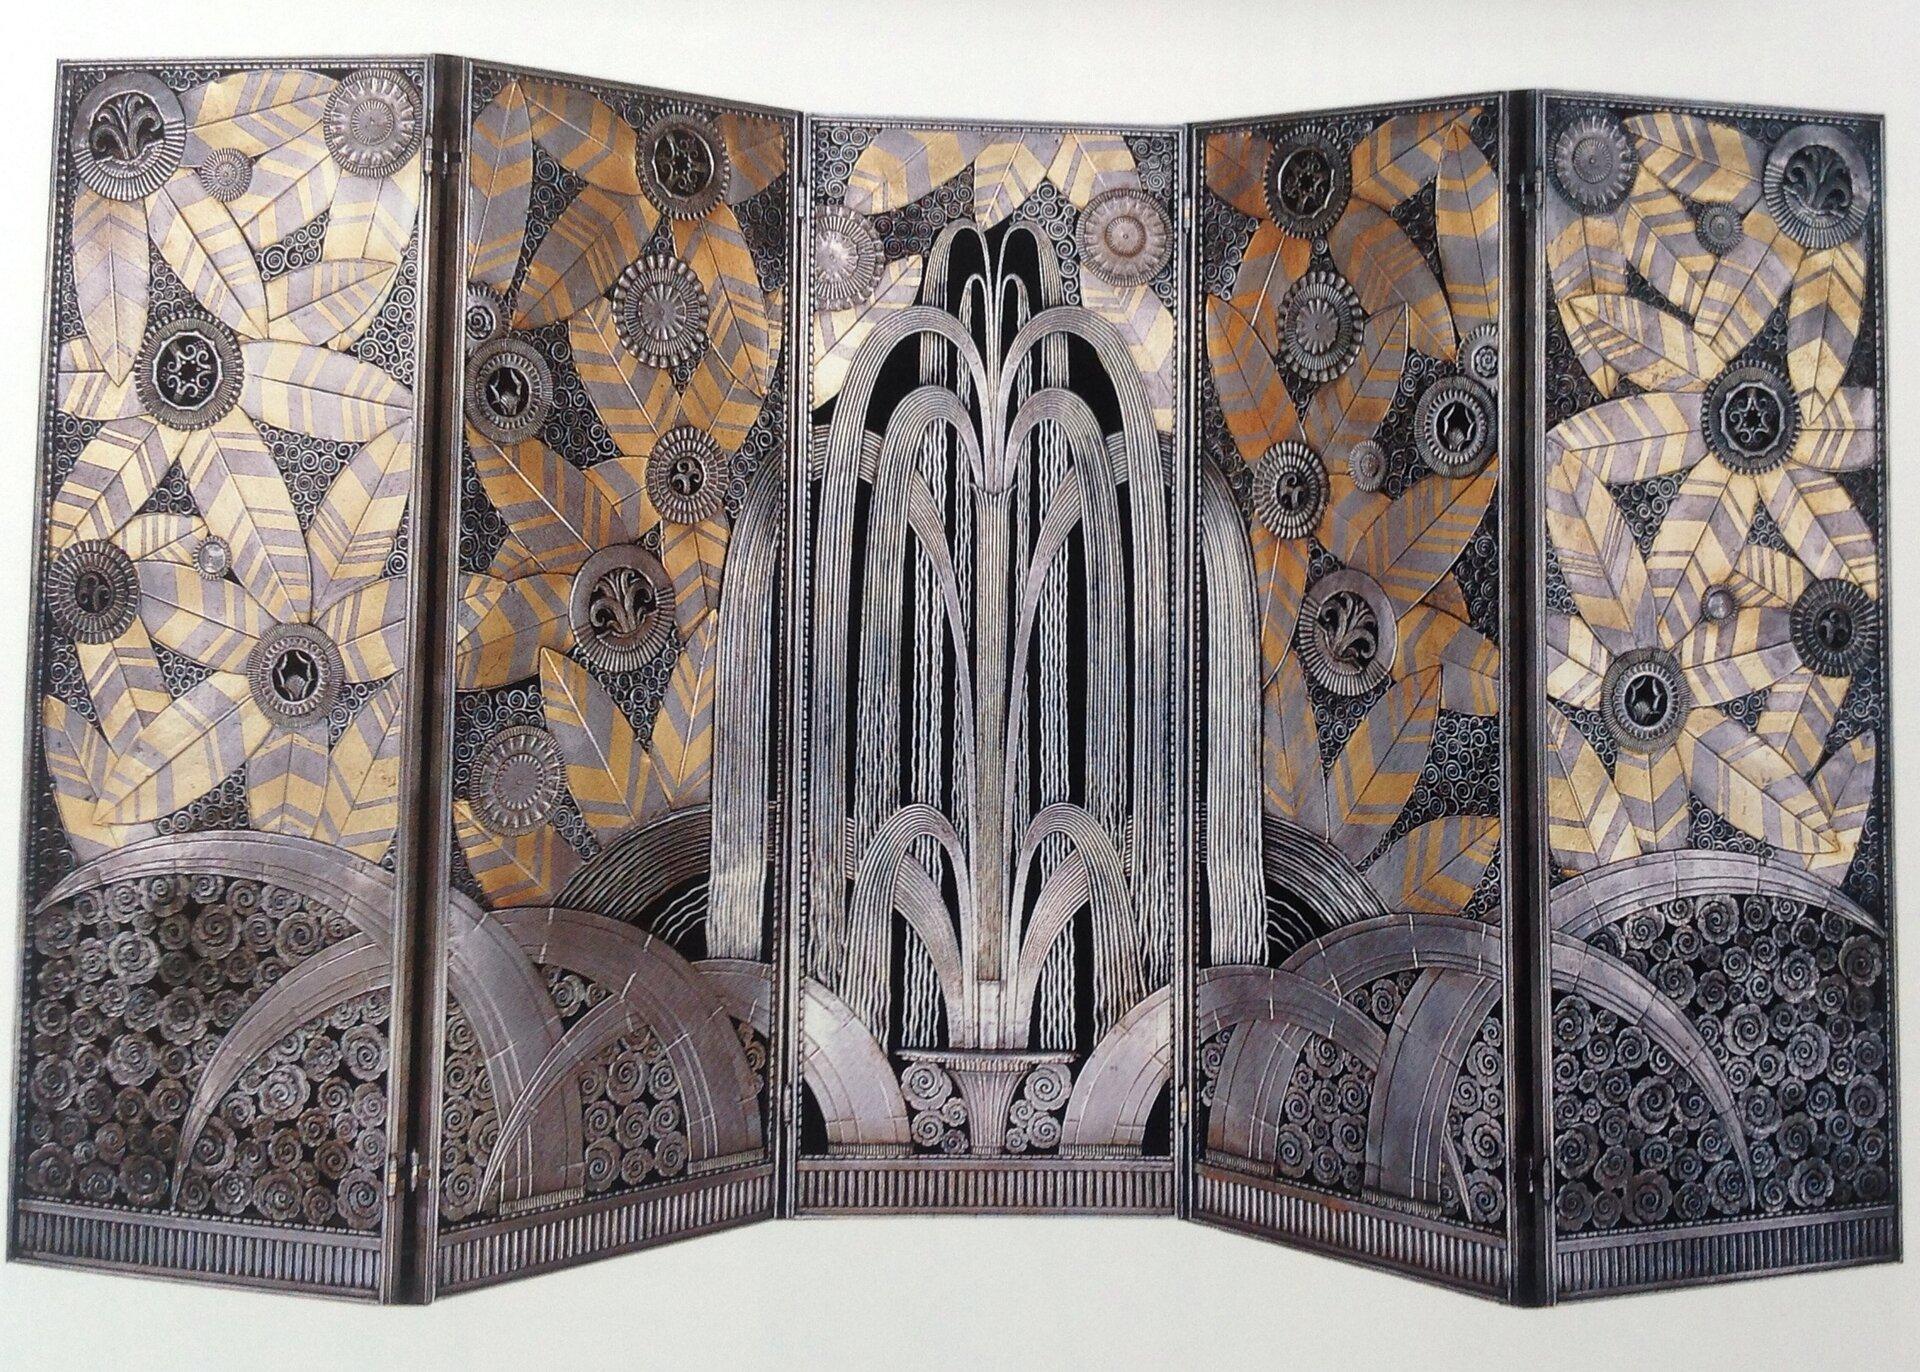 Ilustracja przedstawia Parawan Oasis. Parawan posiada ozdobne geometryczne elementy, tworząc spójną iharmonijną kompozycję.